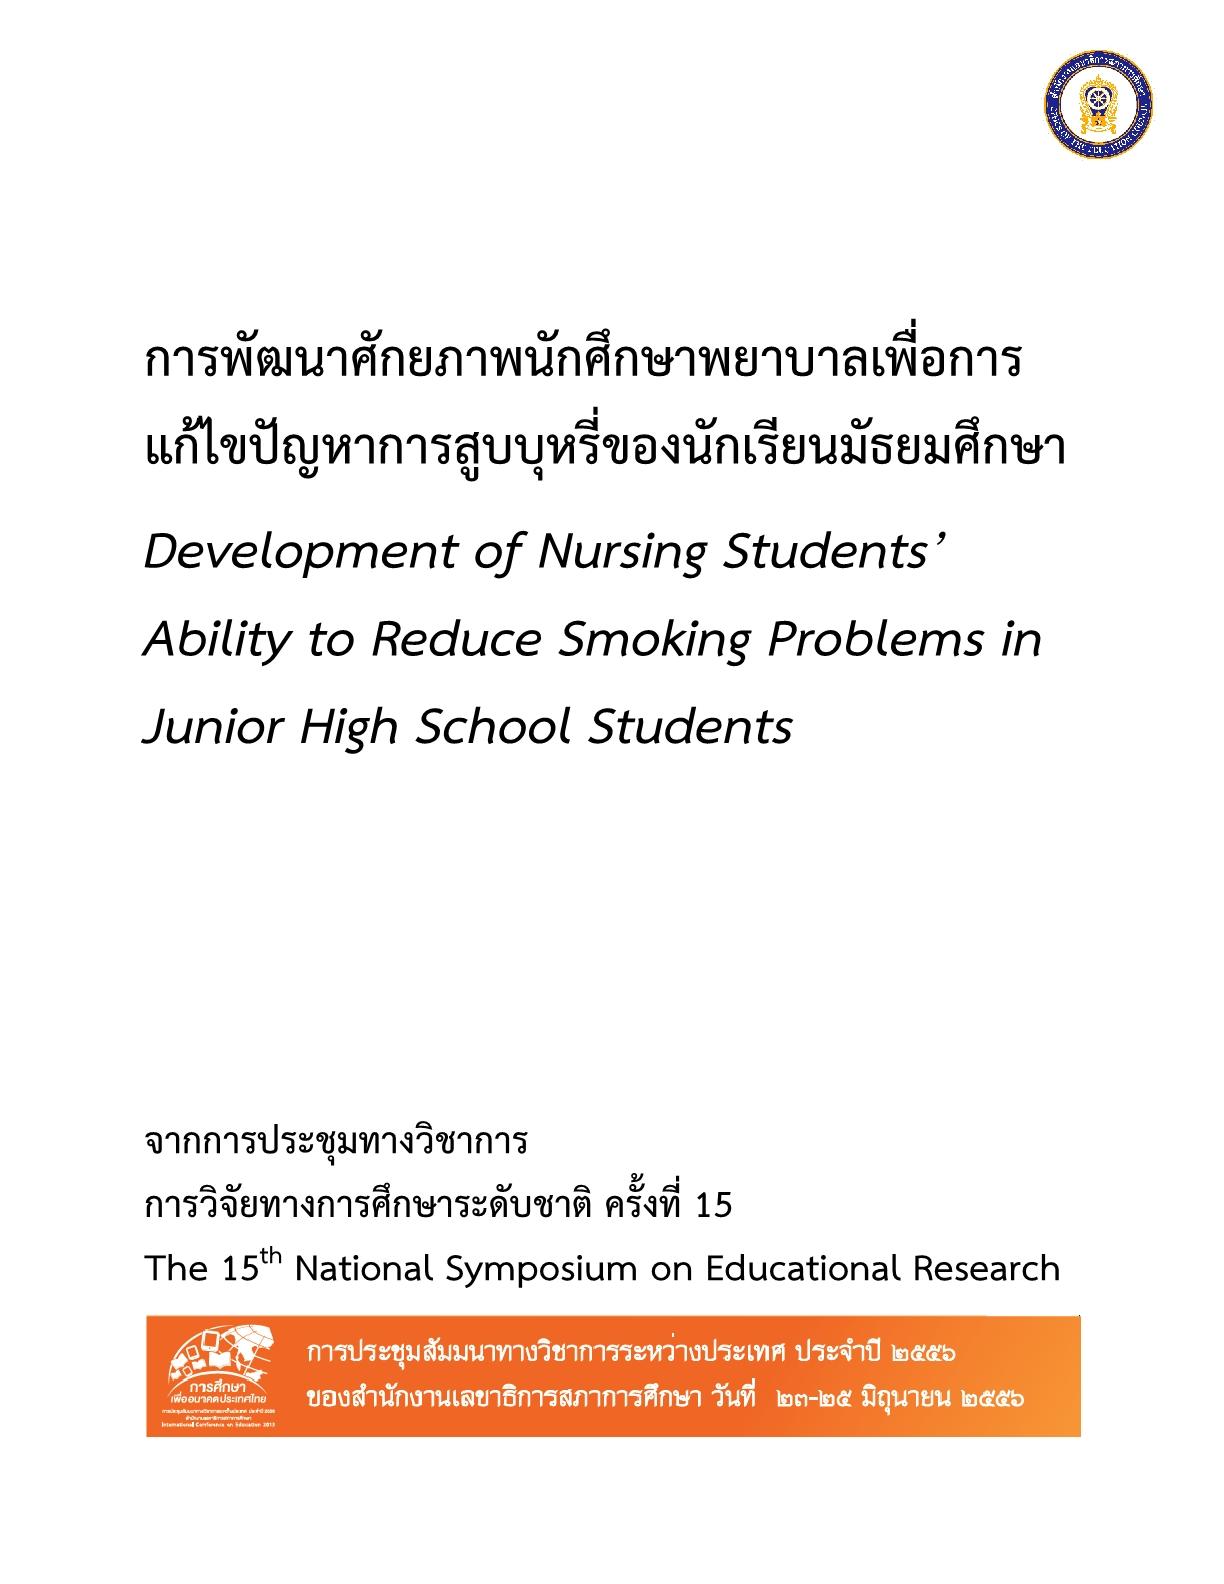 การพัฒนาศักยภาพนักศึกษาพยาบาลเพื่อการแก้ไขปัญหาการสูบบุหรี่ของนักเรียนมัธยมศึกษา